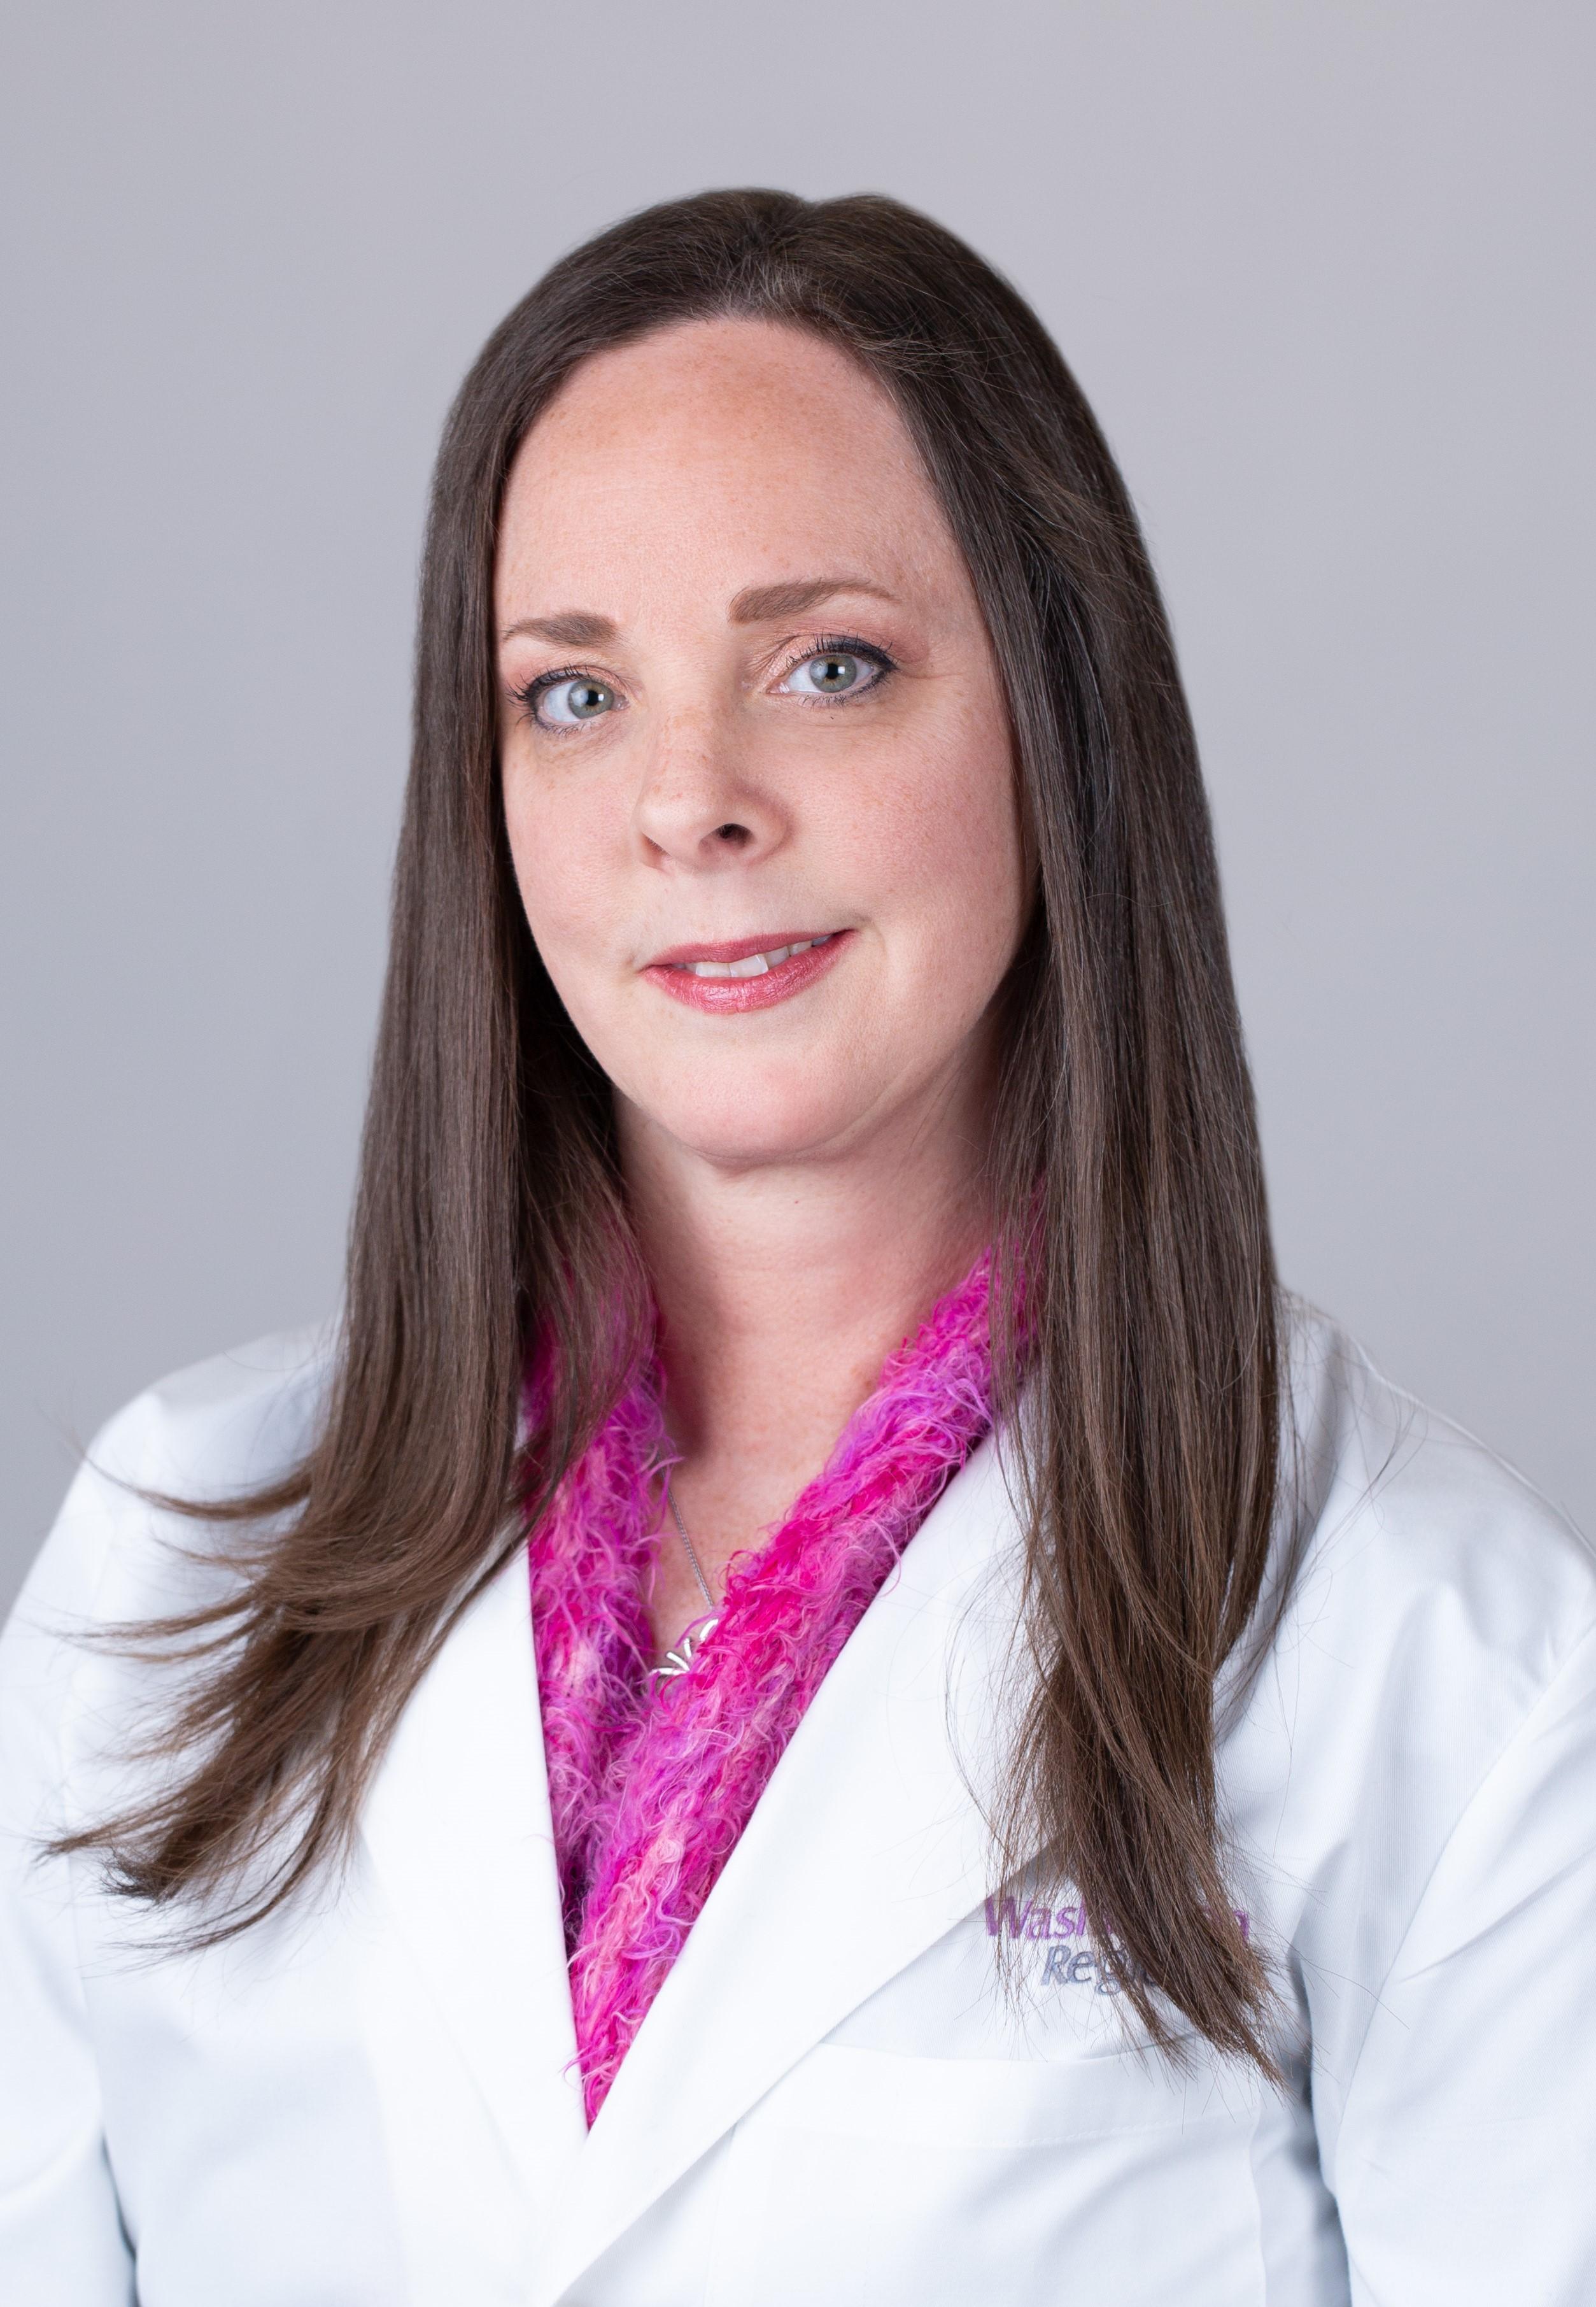 Dr Stacey Burnett Joins Eureka Springs Family Clinic